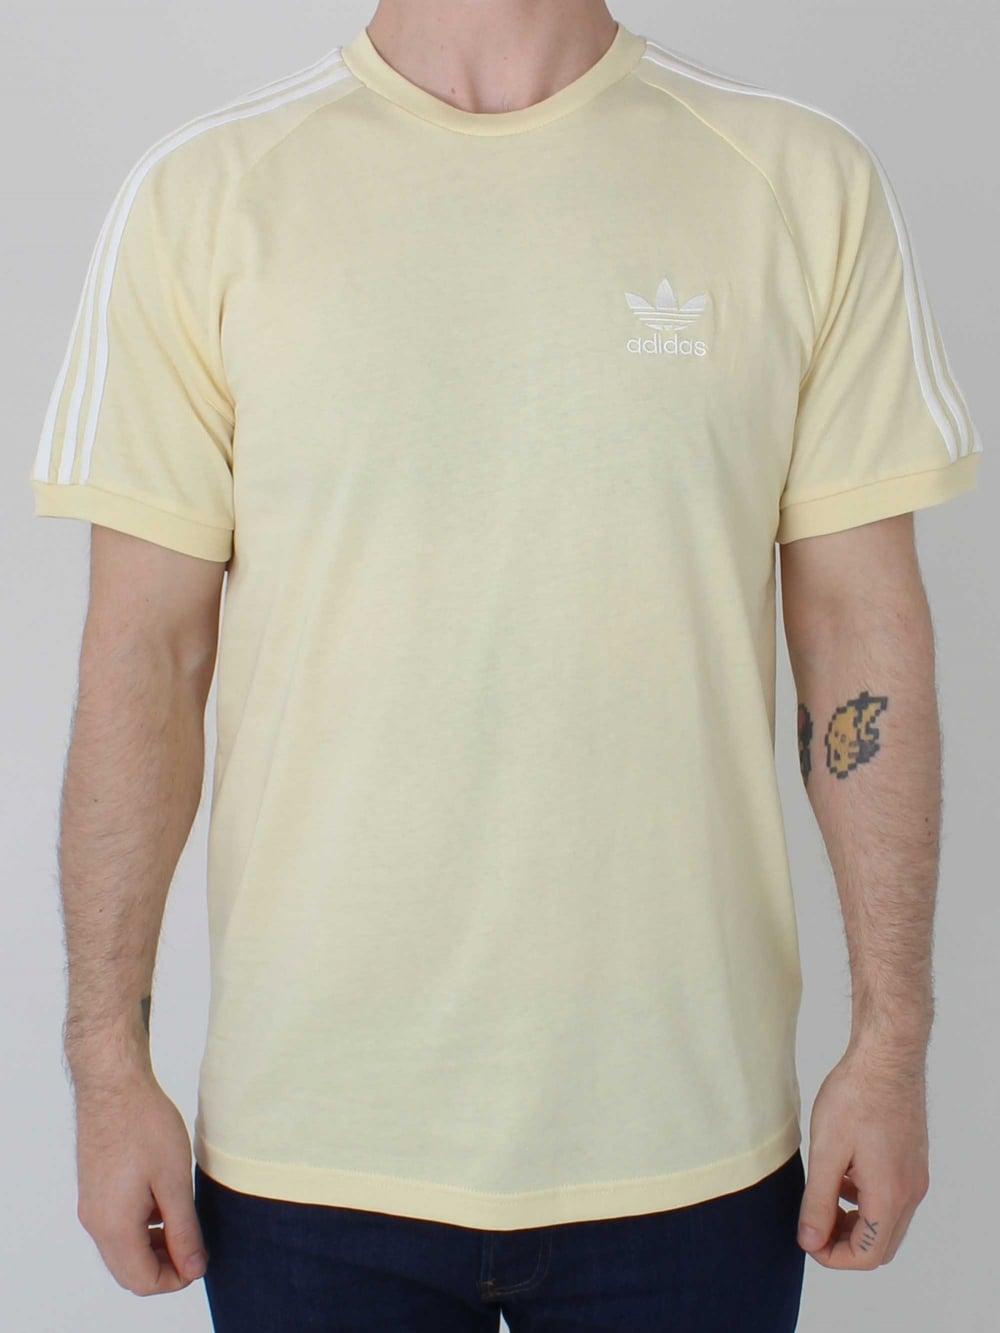 742af6851db33 Adidas 3 Stripes T.Shirt in Sun | Northern Threads